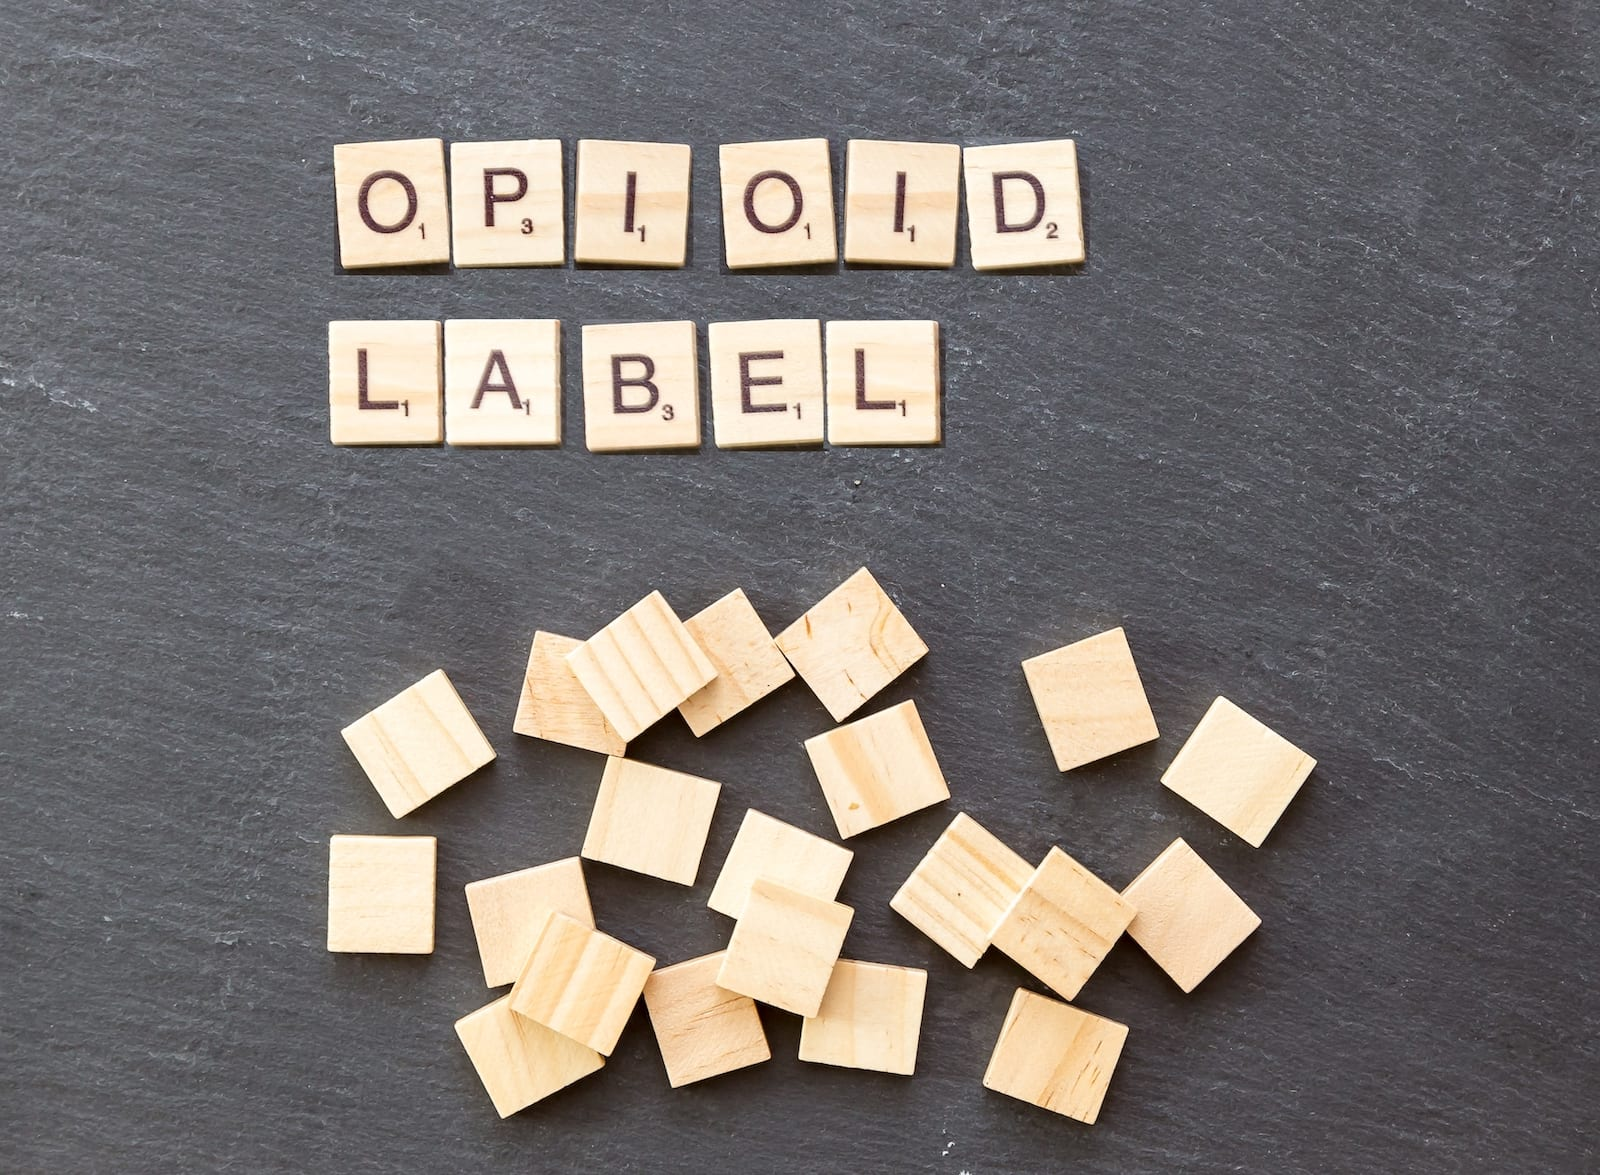 Opioid Label FDA Scrabble Pieces